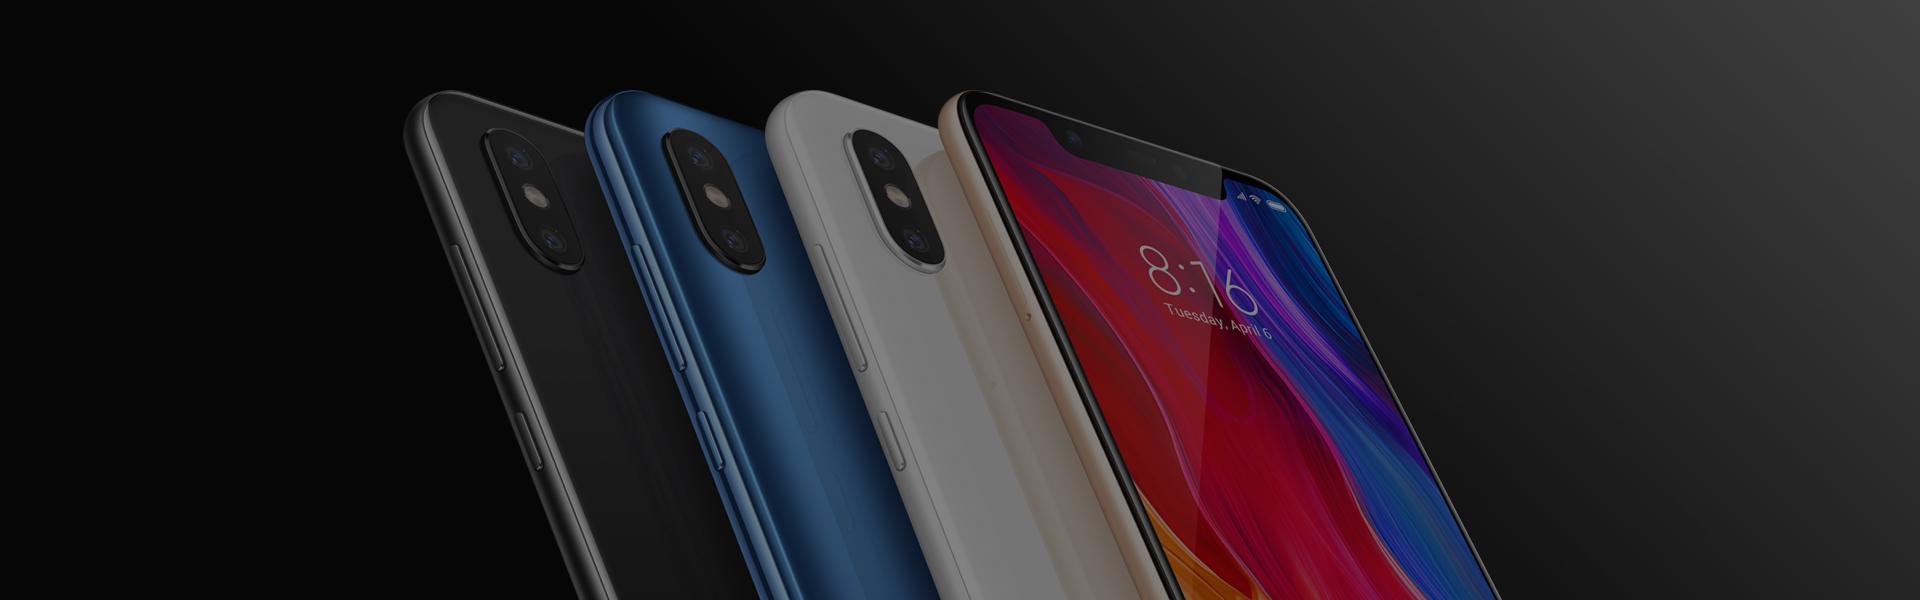 Recensione Xiaomi Mi 8: il TOP che non ti aspetti e che CONVINCE!